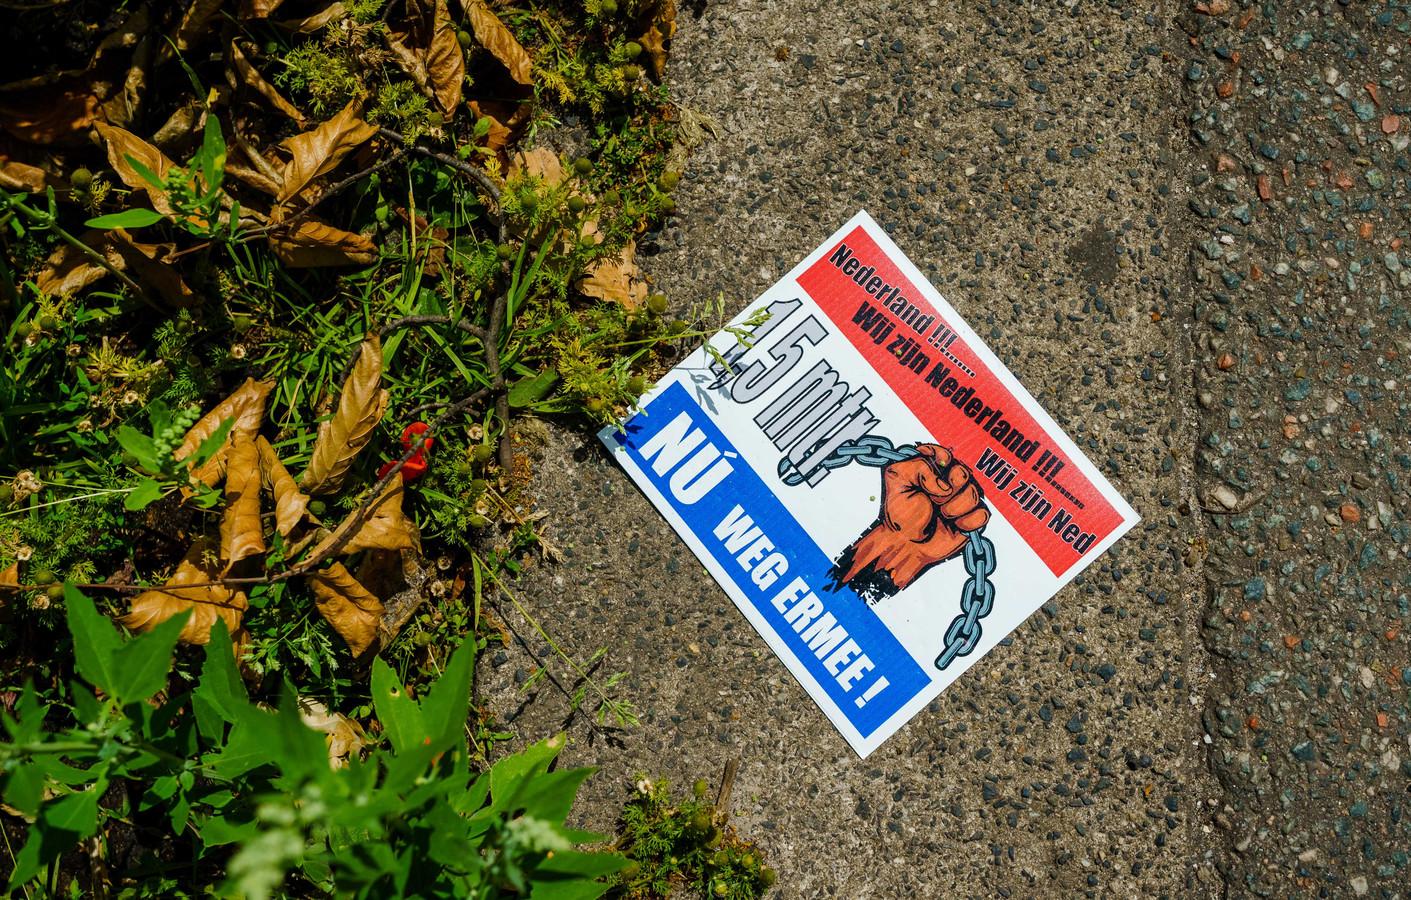 Een flyer tijdens een verboden demonstratie van Viruswaanzin op het Malieveld die is gericht op de coronamaatregelen van het kabinet.